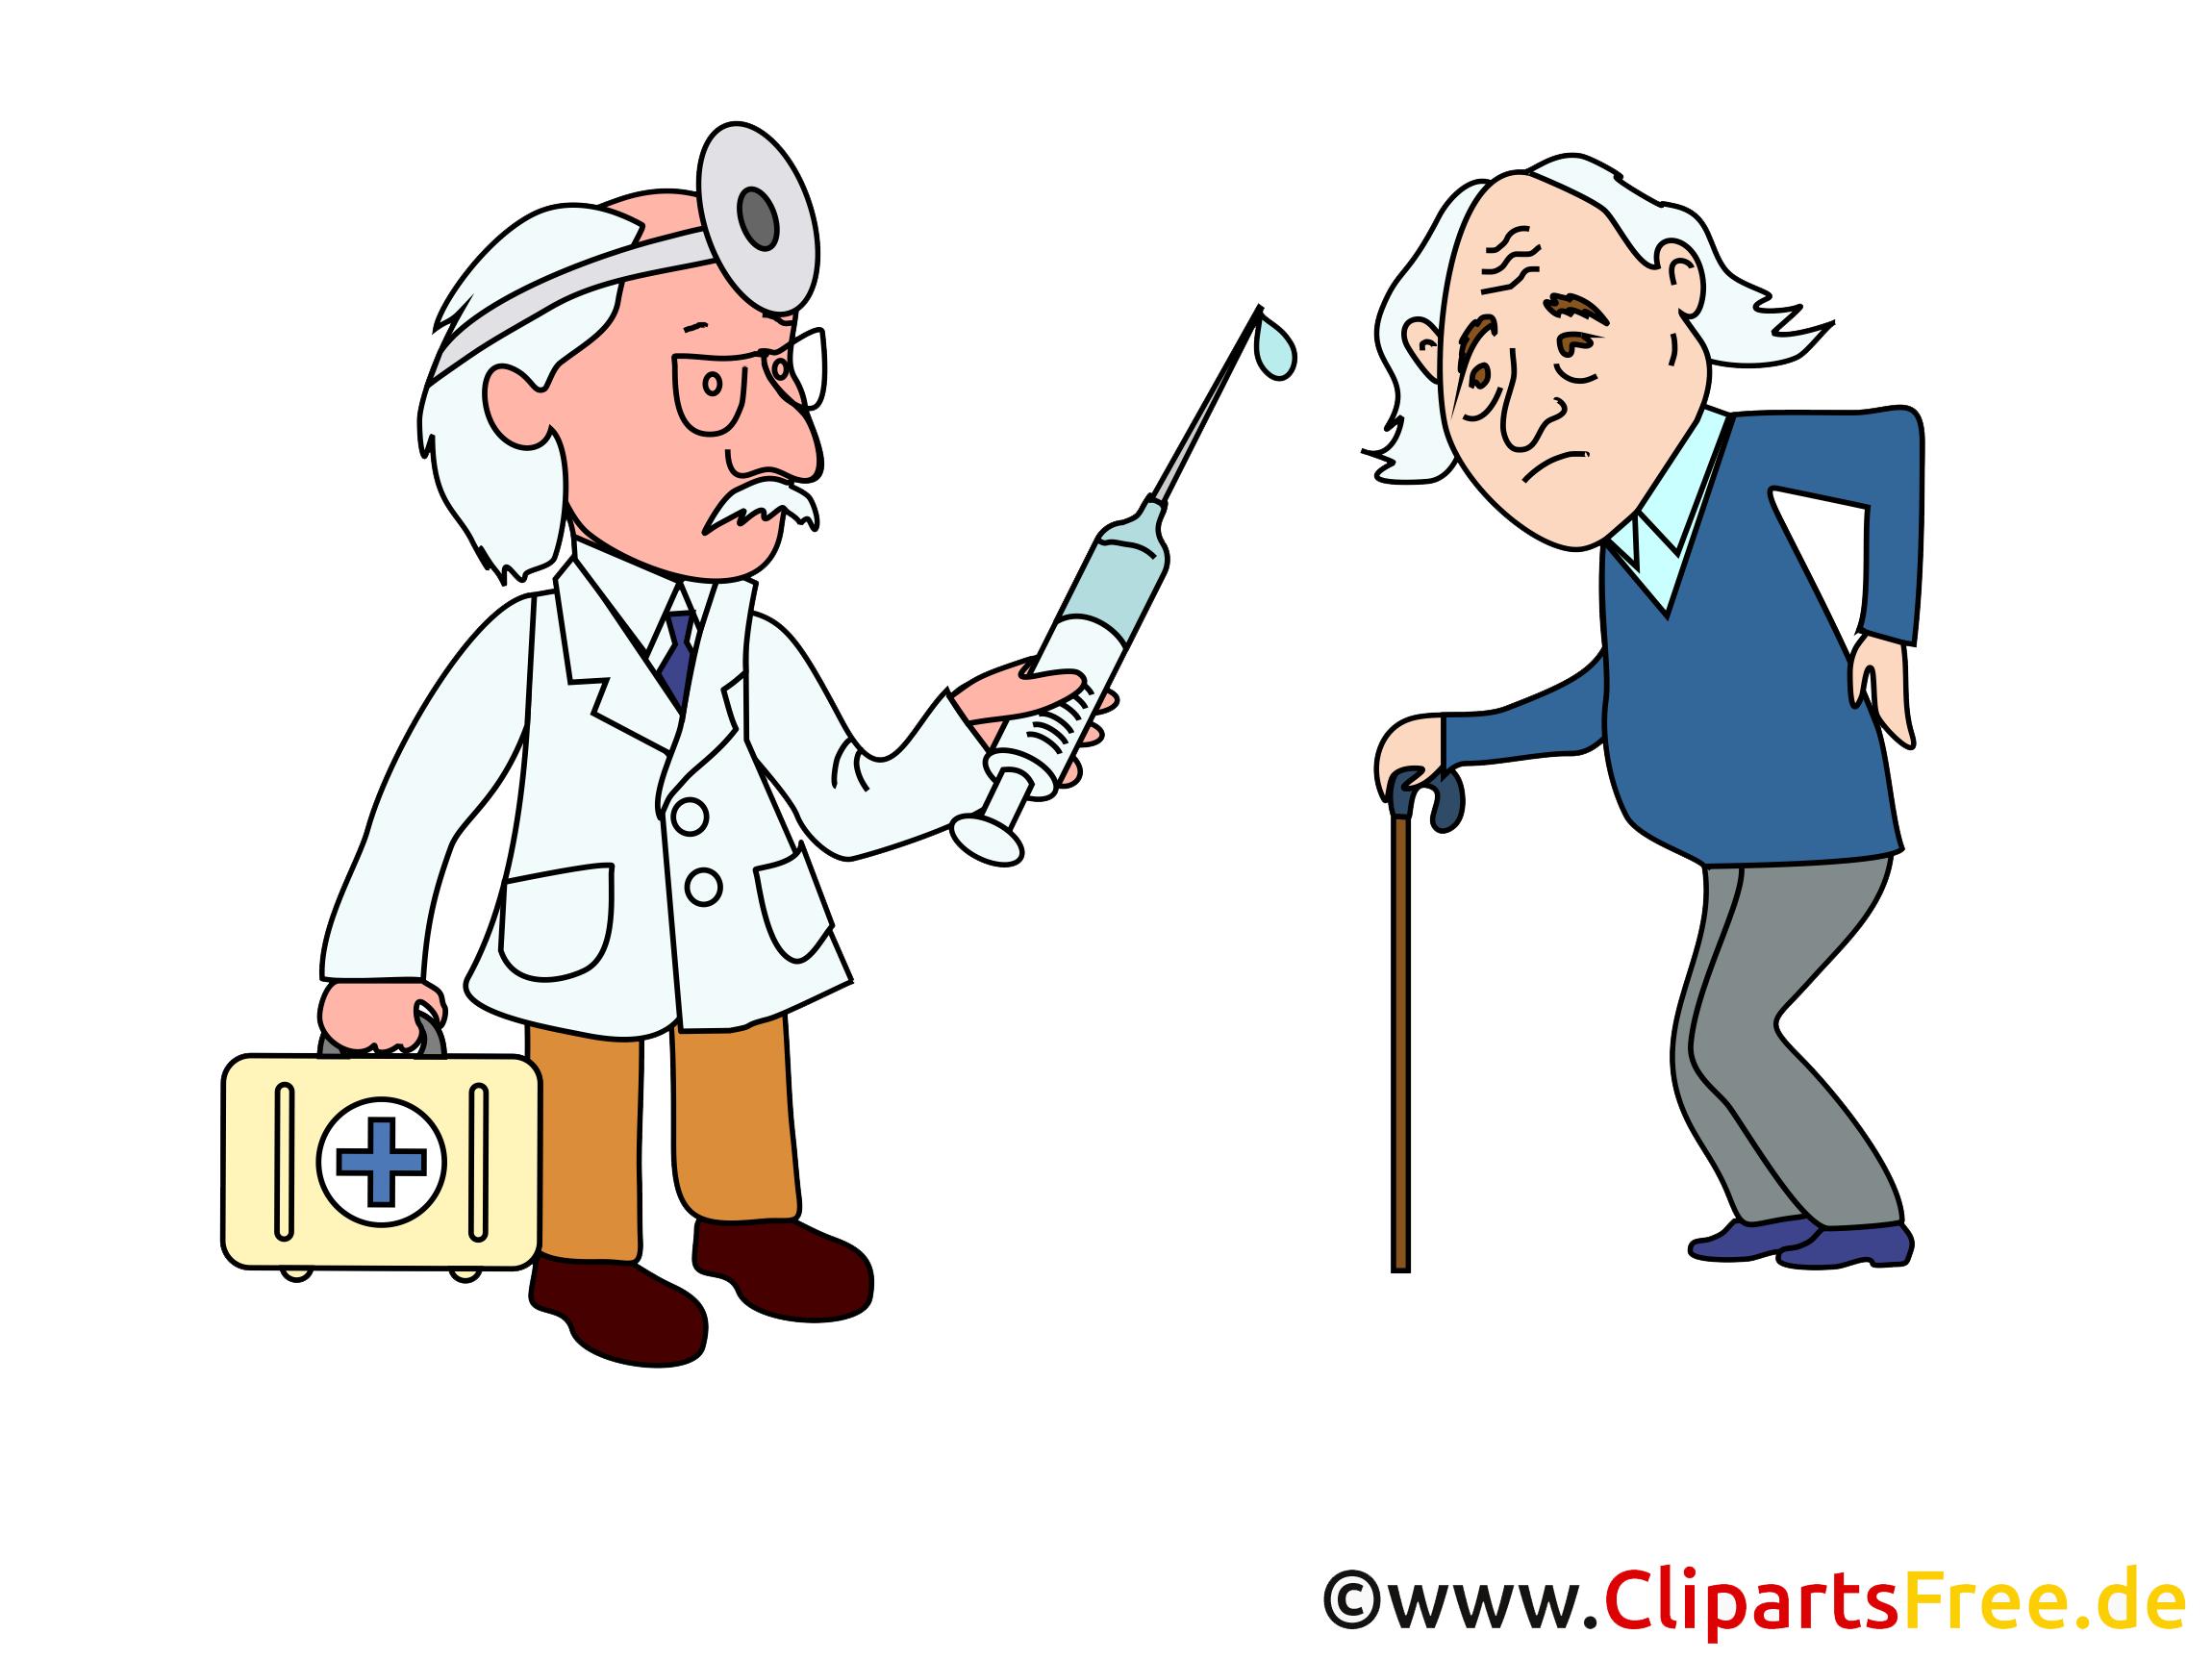 clipart kostenlos pflege - photo #32